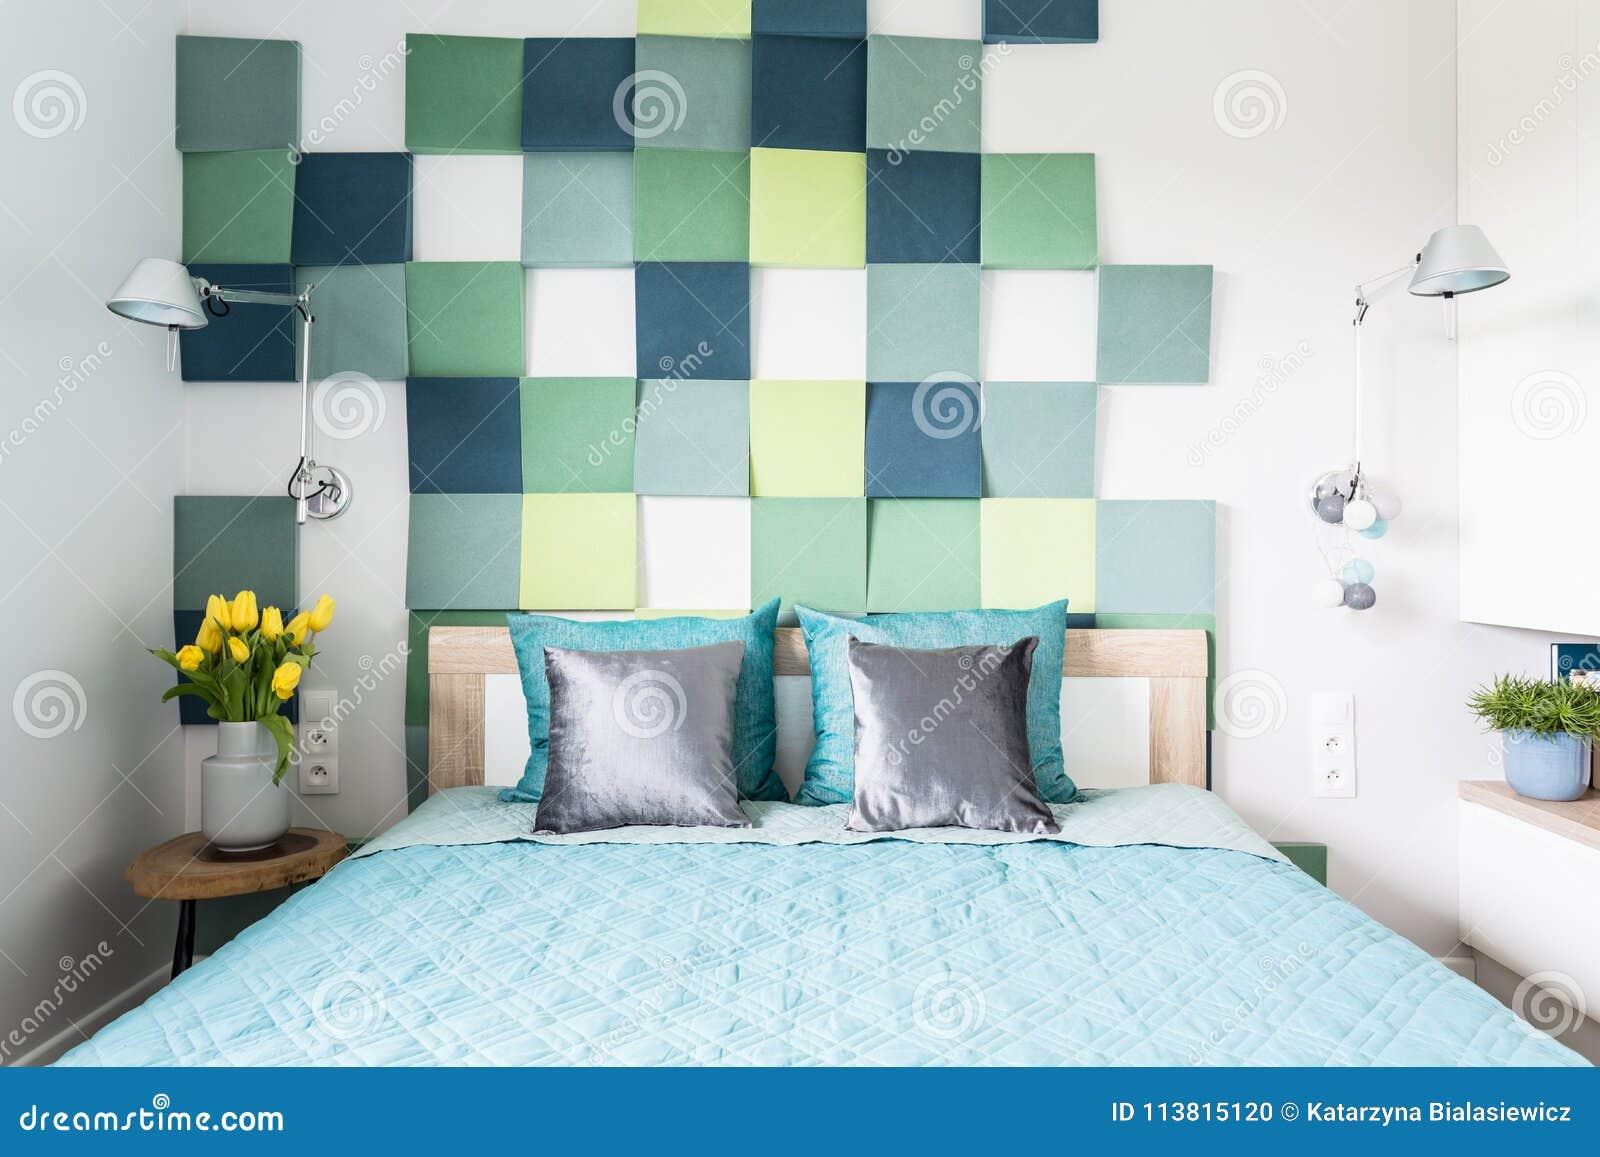 Intérieur Bleu Et Vert De Chambre à Coucher Photo stock ...